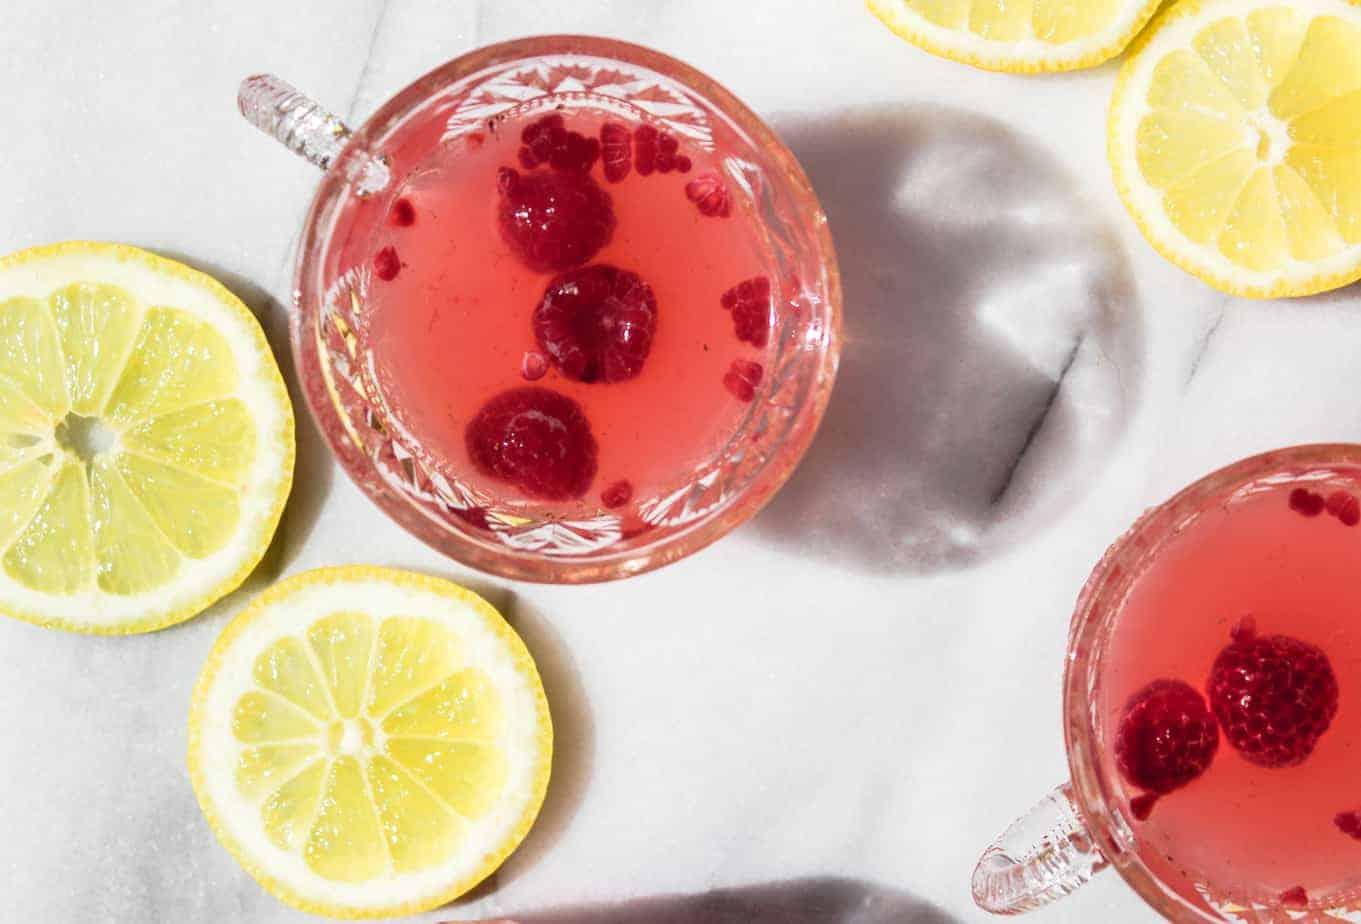 sparkling raspberry lemonade punch with lemons